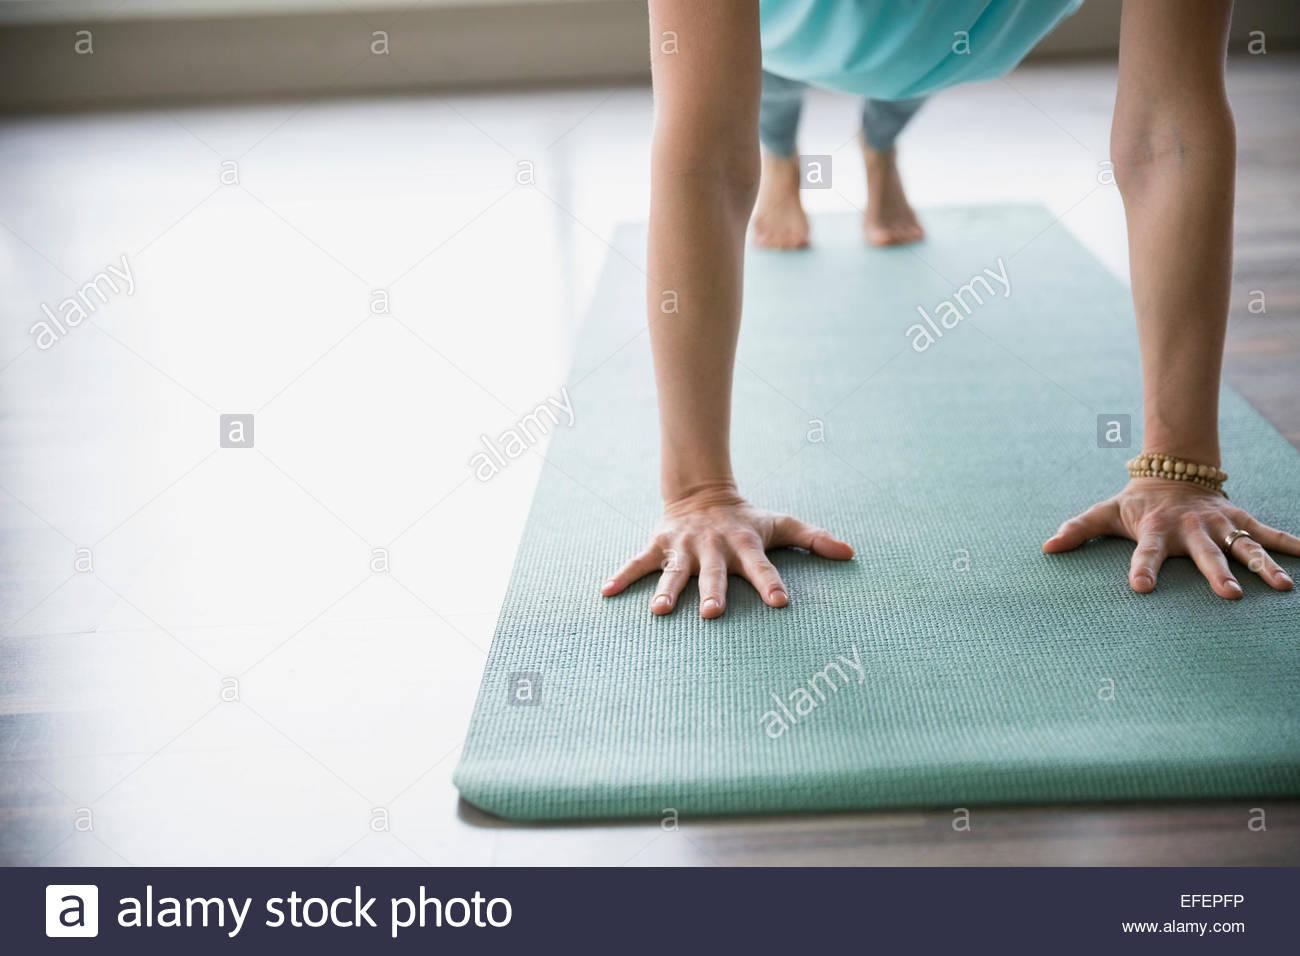 Frau Yoga zu praktizieren in Plank auf Matte stellen Stockbild